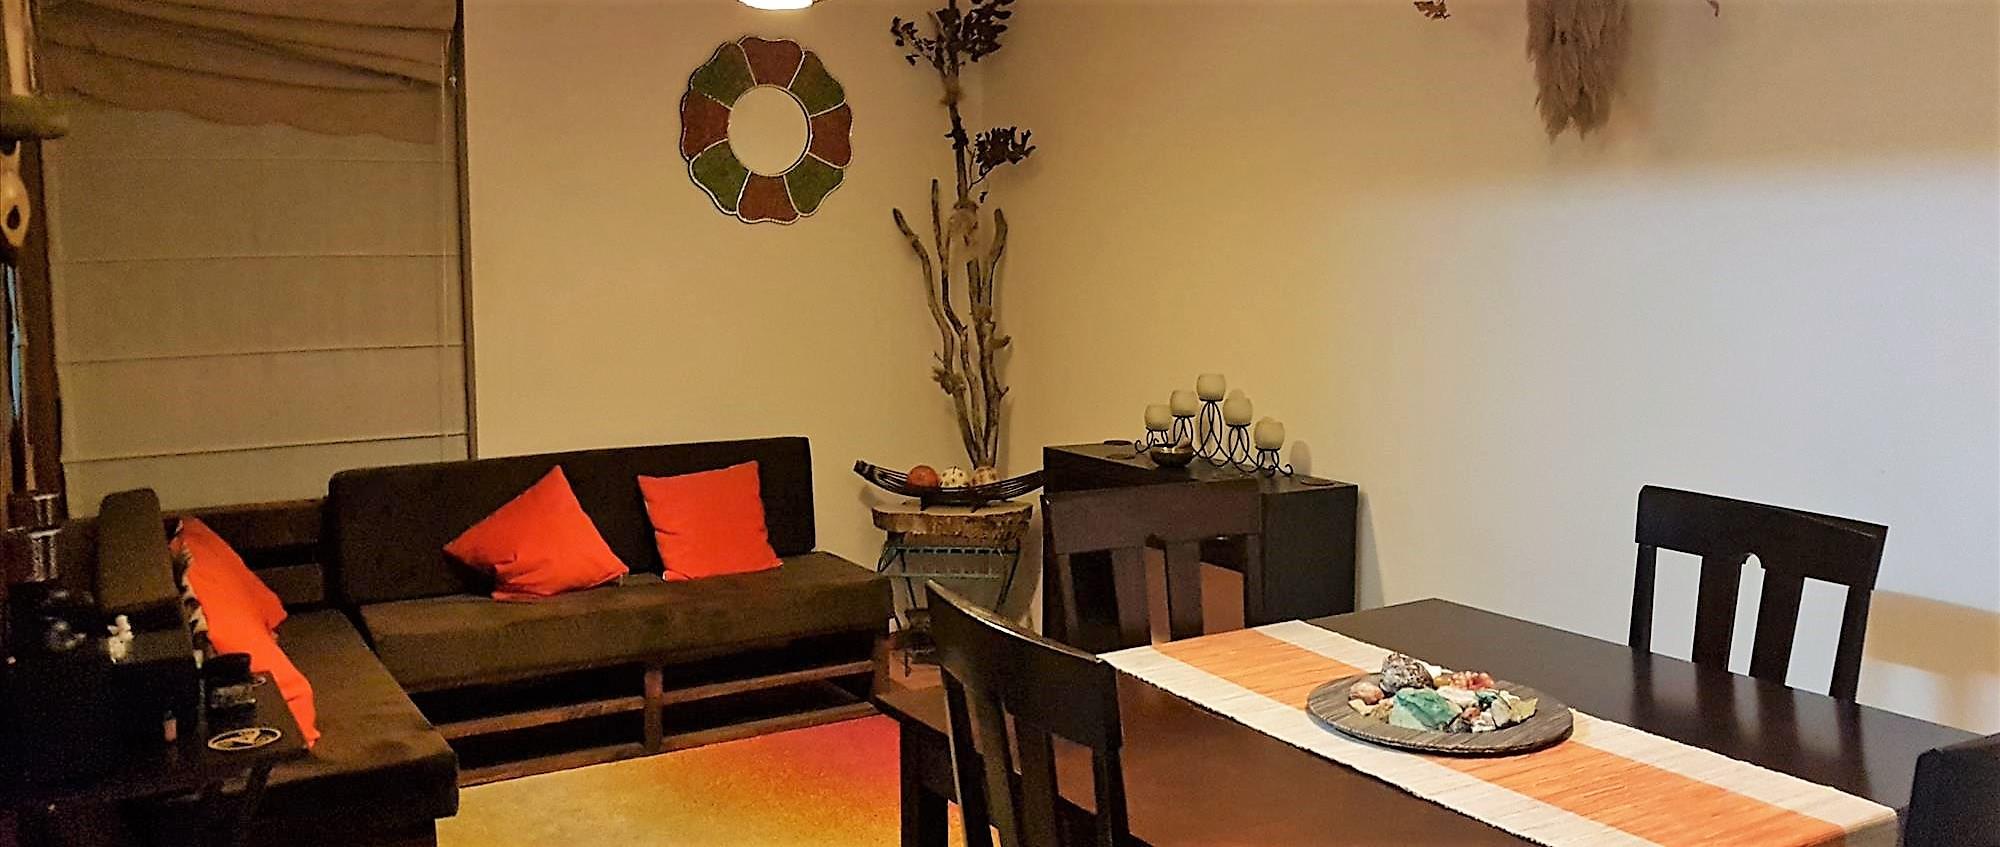 Amplio departamento de 3 dormitorios Av. Las Margaritas Huertos Familiares